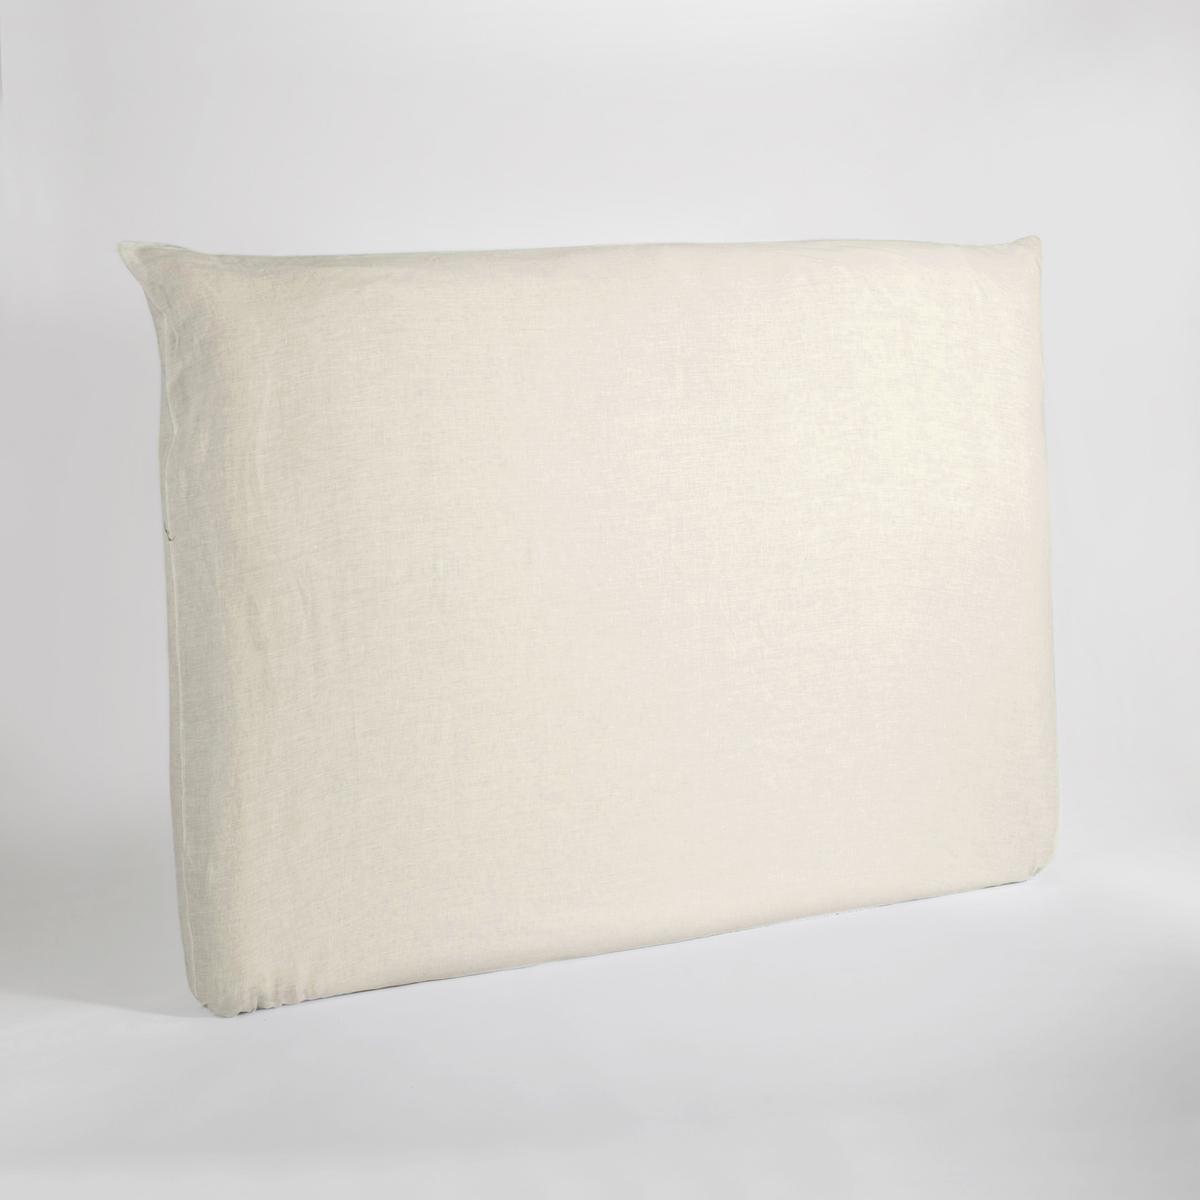 Чехол LaRedoute На изголовье кровати из осветленного льна Mereson 160 см бежевый